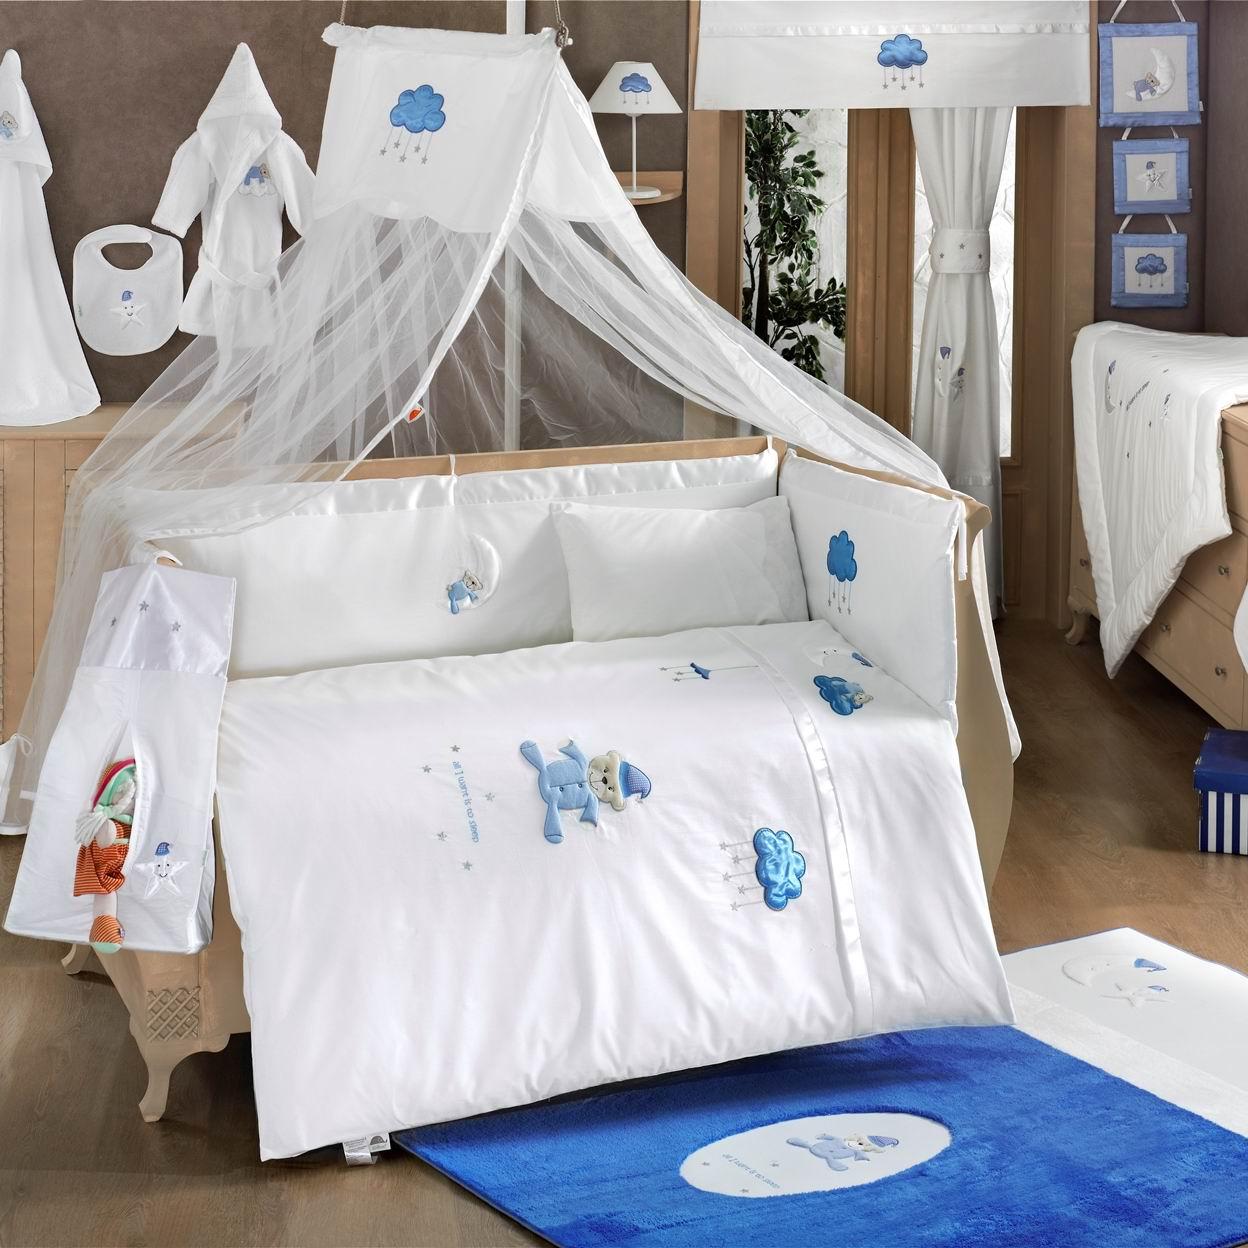 Балдахин серии Teddy Boo, 150 х 450 см, синийДетское постельное белье<br>Балдахин серии Teddy Boo, 150 х 450 см, синий<br>